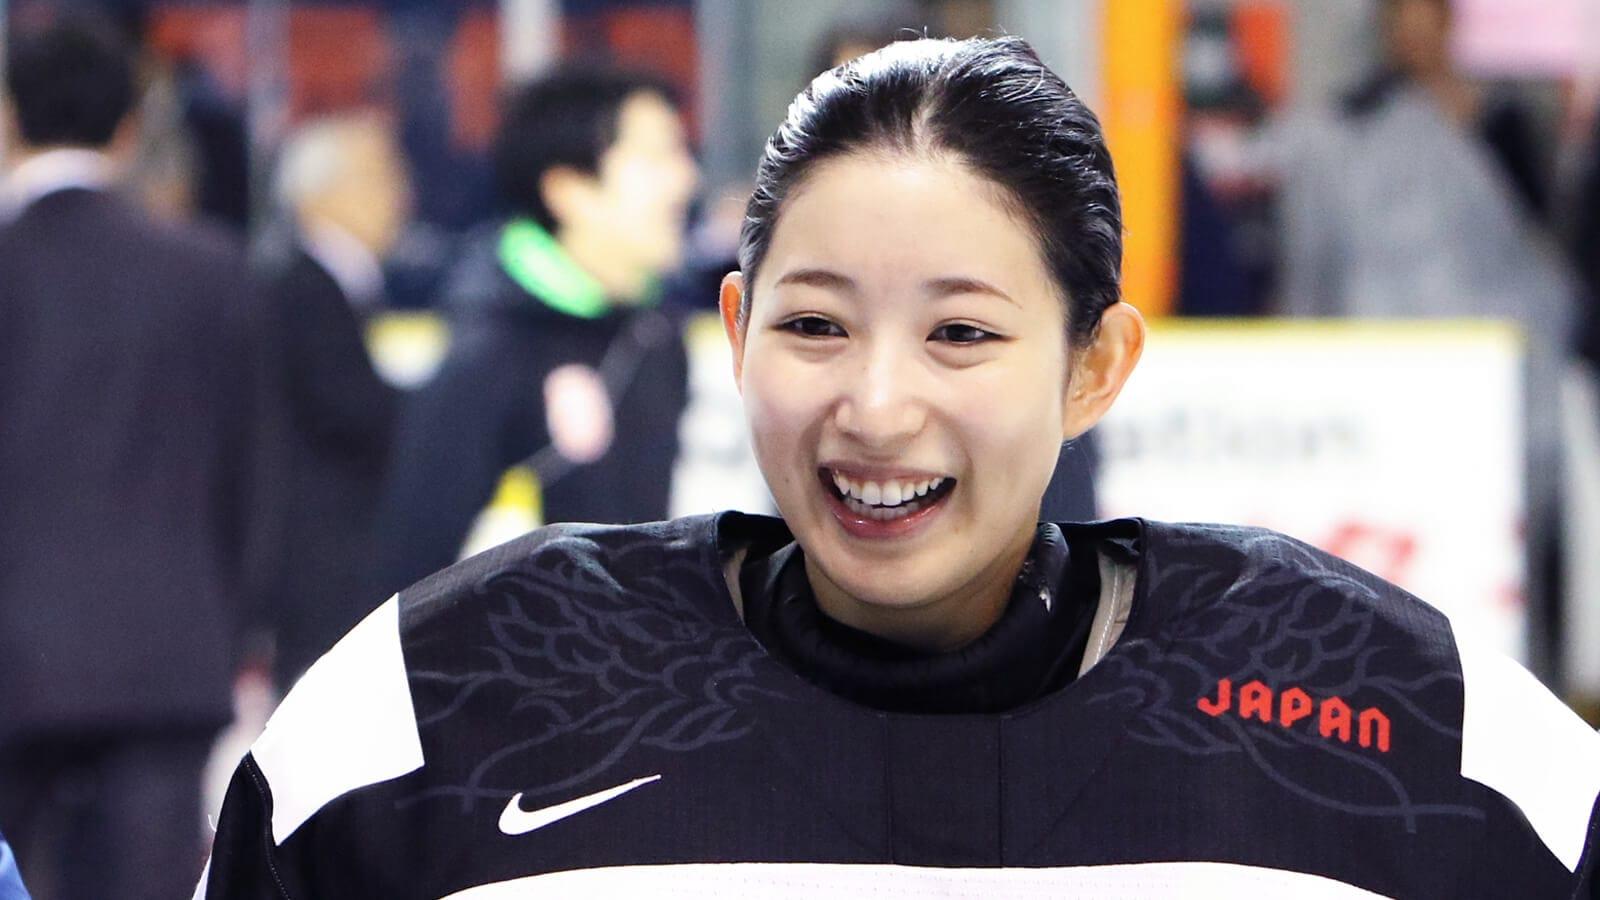 Nana Fujimoto